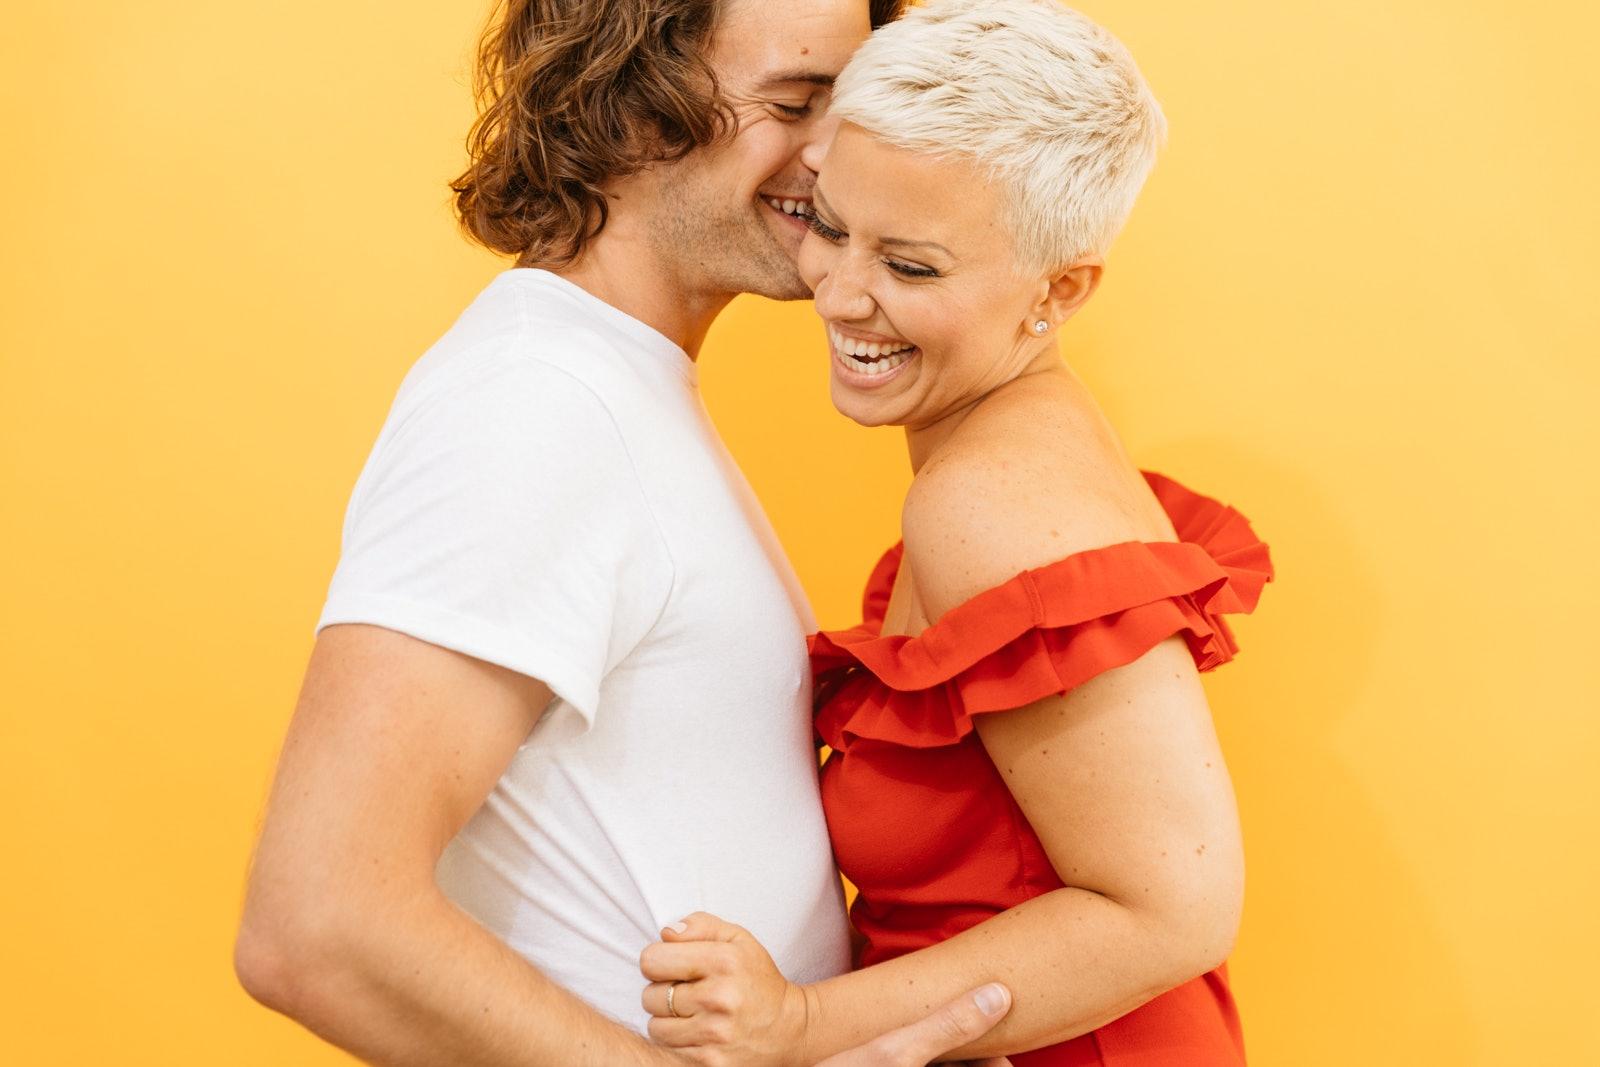 Radio kosovska mitrovica online dating